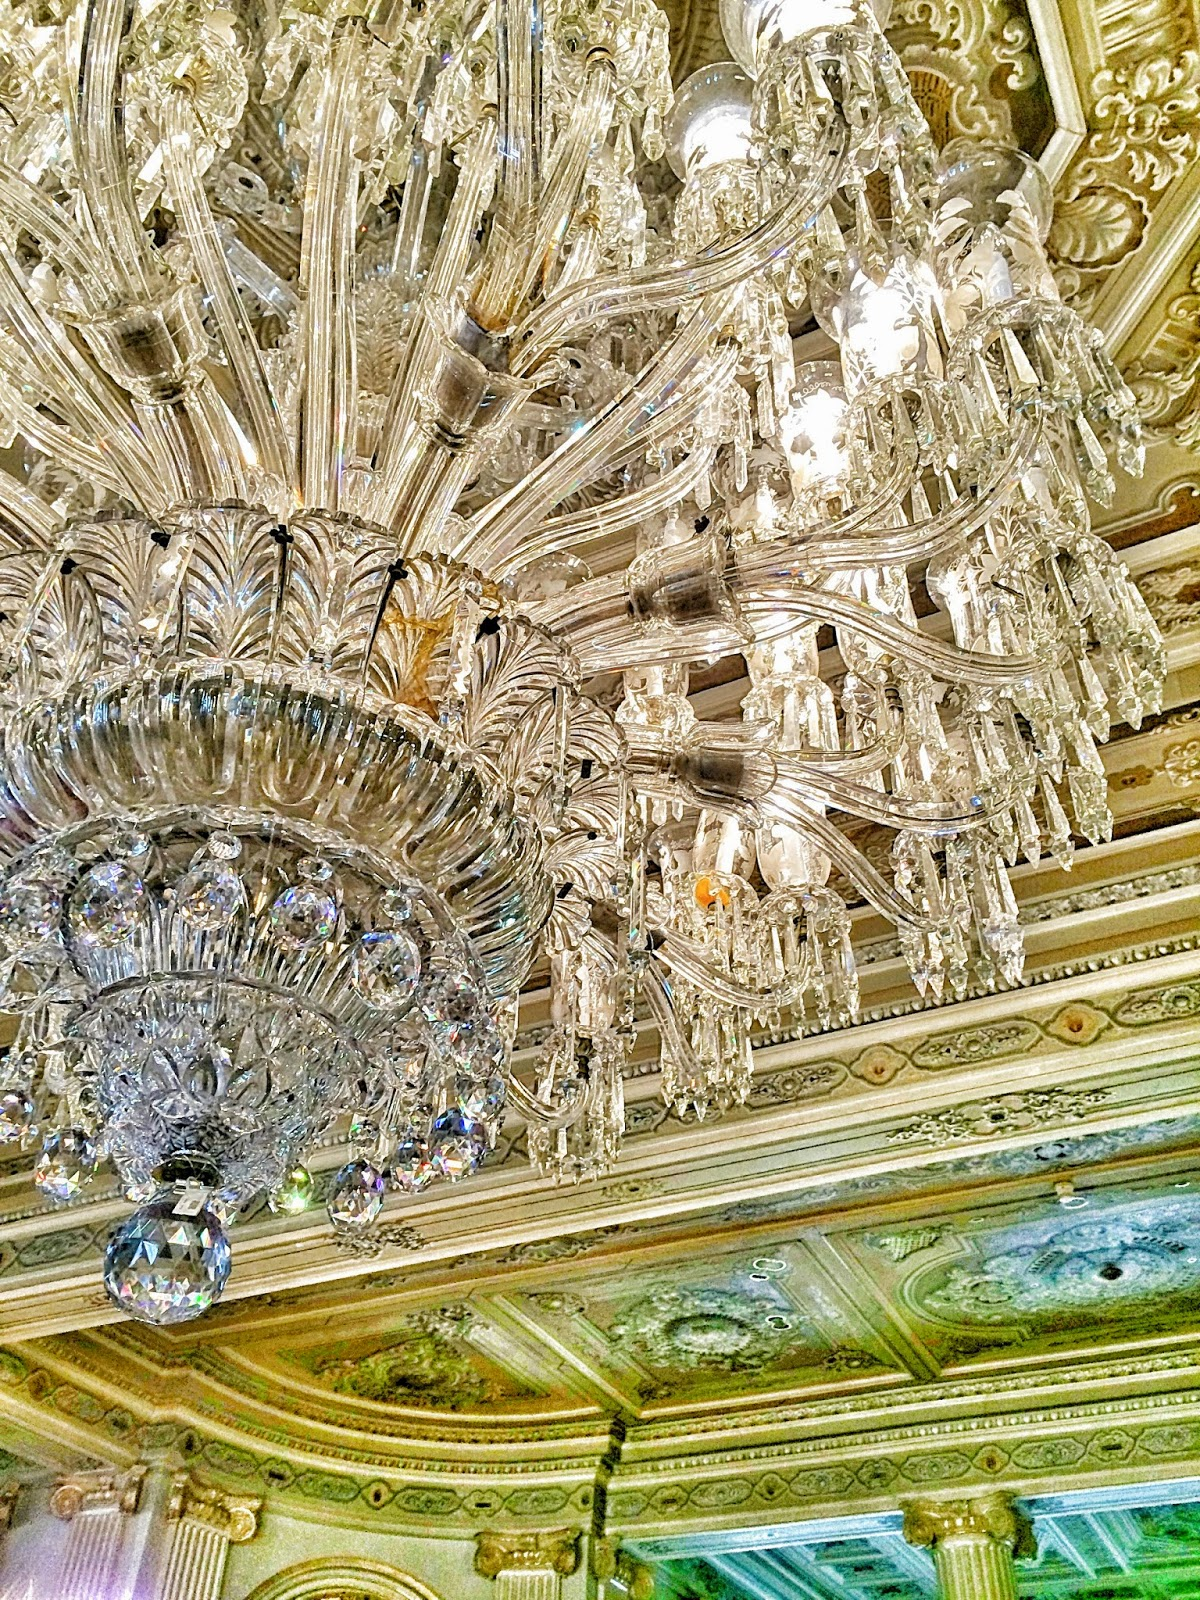 トルコ観光地の宮殿のシャンデリア